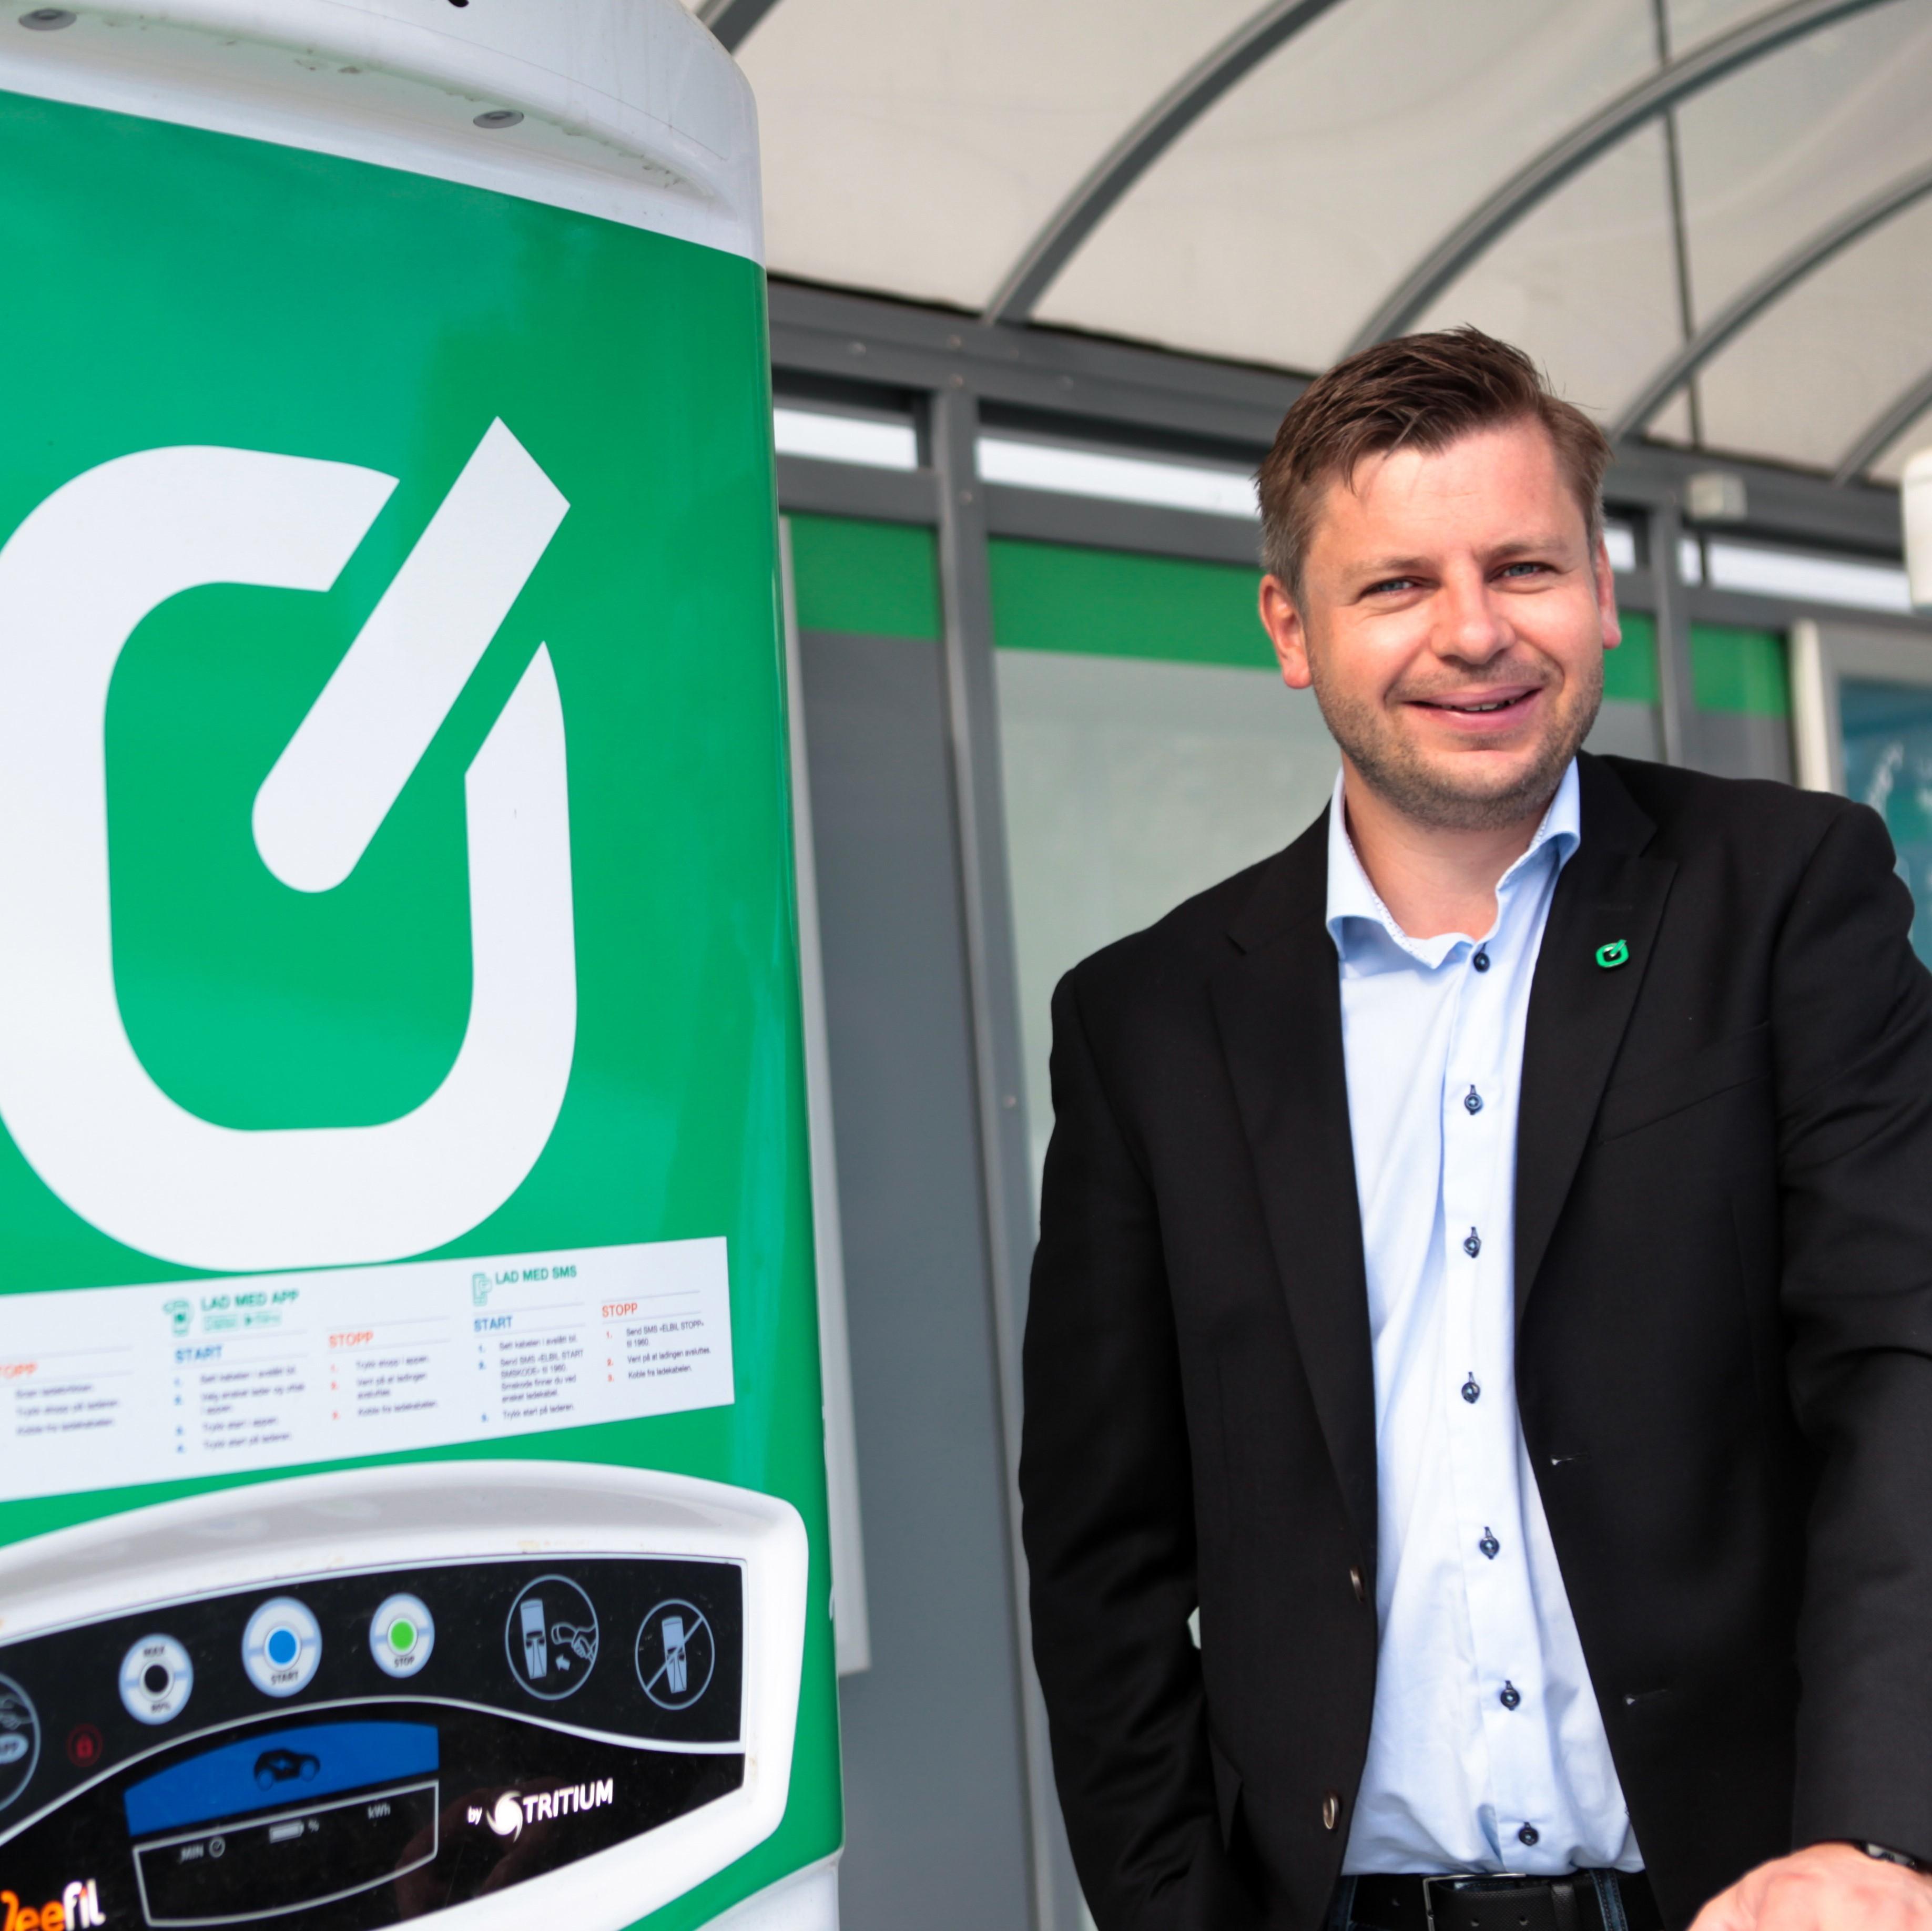 Daglig leder Ole Henrik Hannisdahl i Grønn Kontakt sier de avventer en avklaring om krav til omsetningskonsesjon for strøm for å kunne ta betalt per kilowattime.